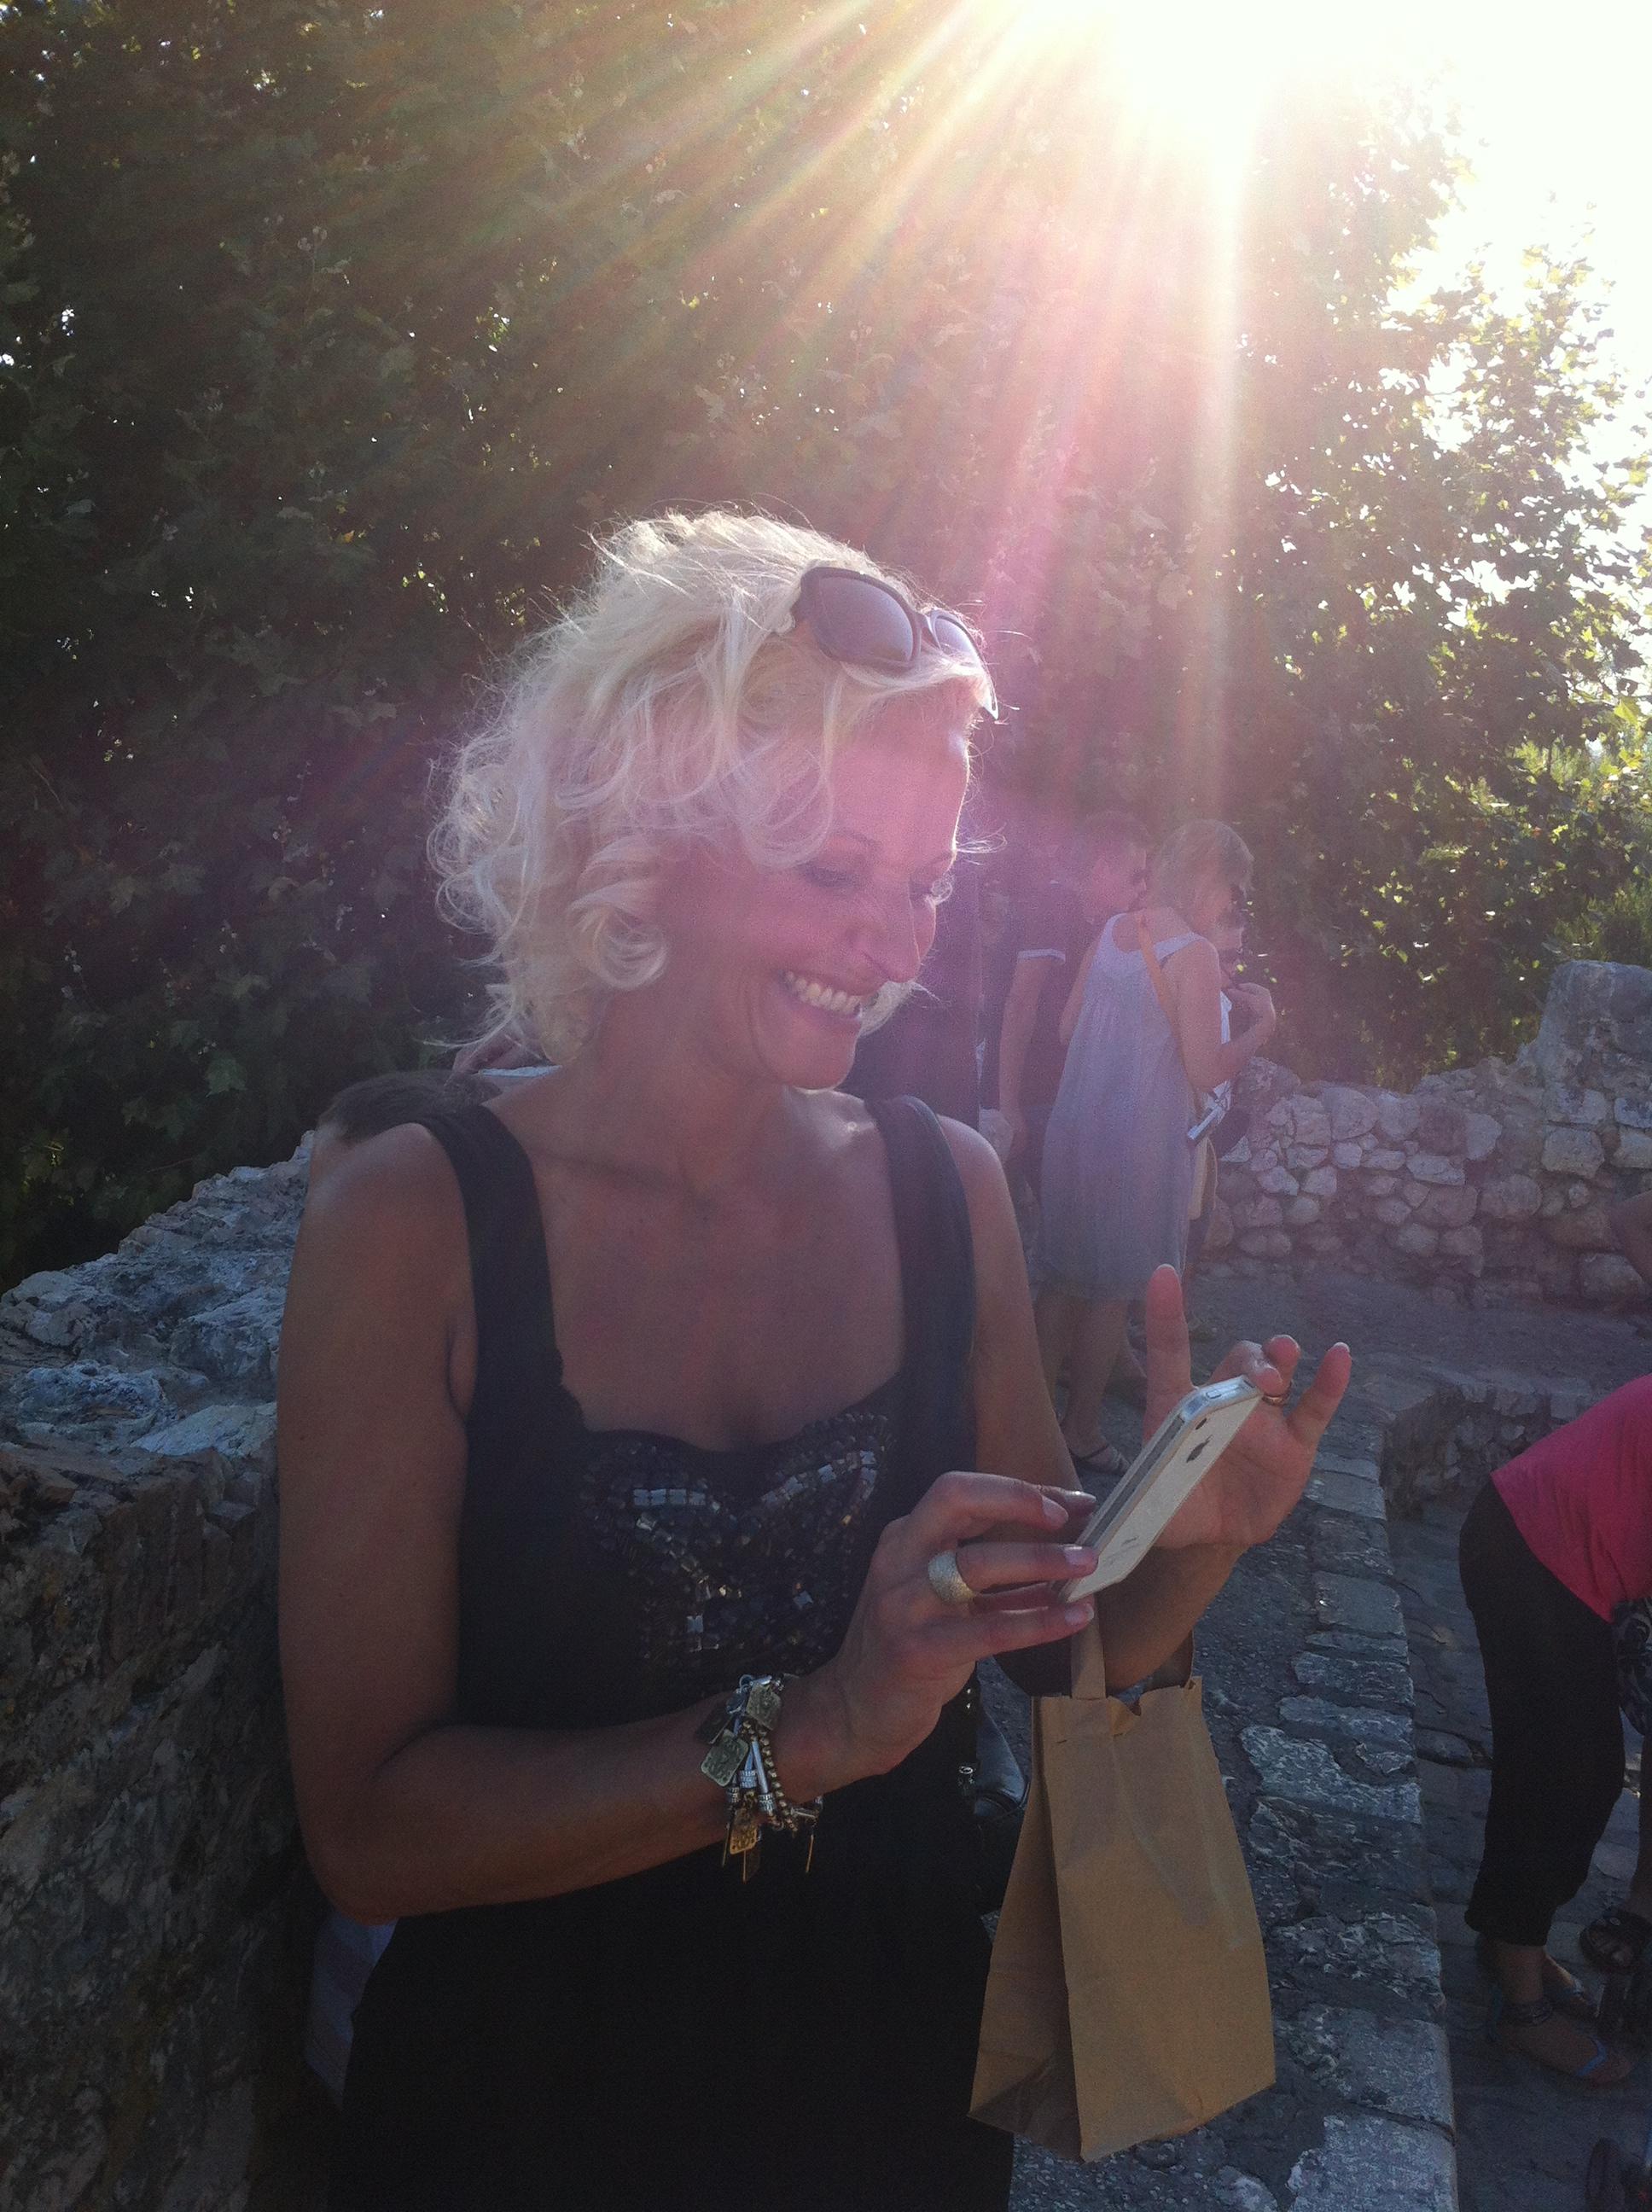 Sommer glød og sommerhud med love2live - livsstil og skønhed - Kristina Sindberg